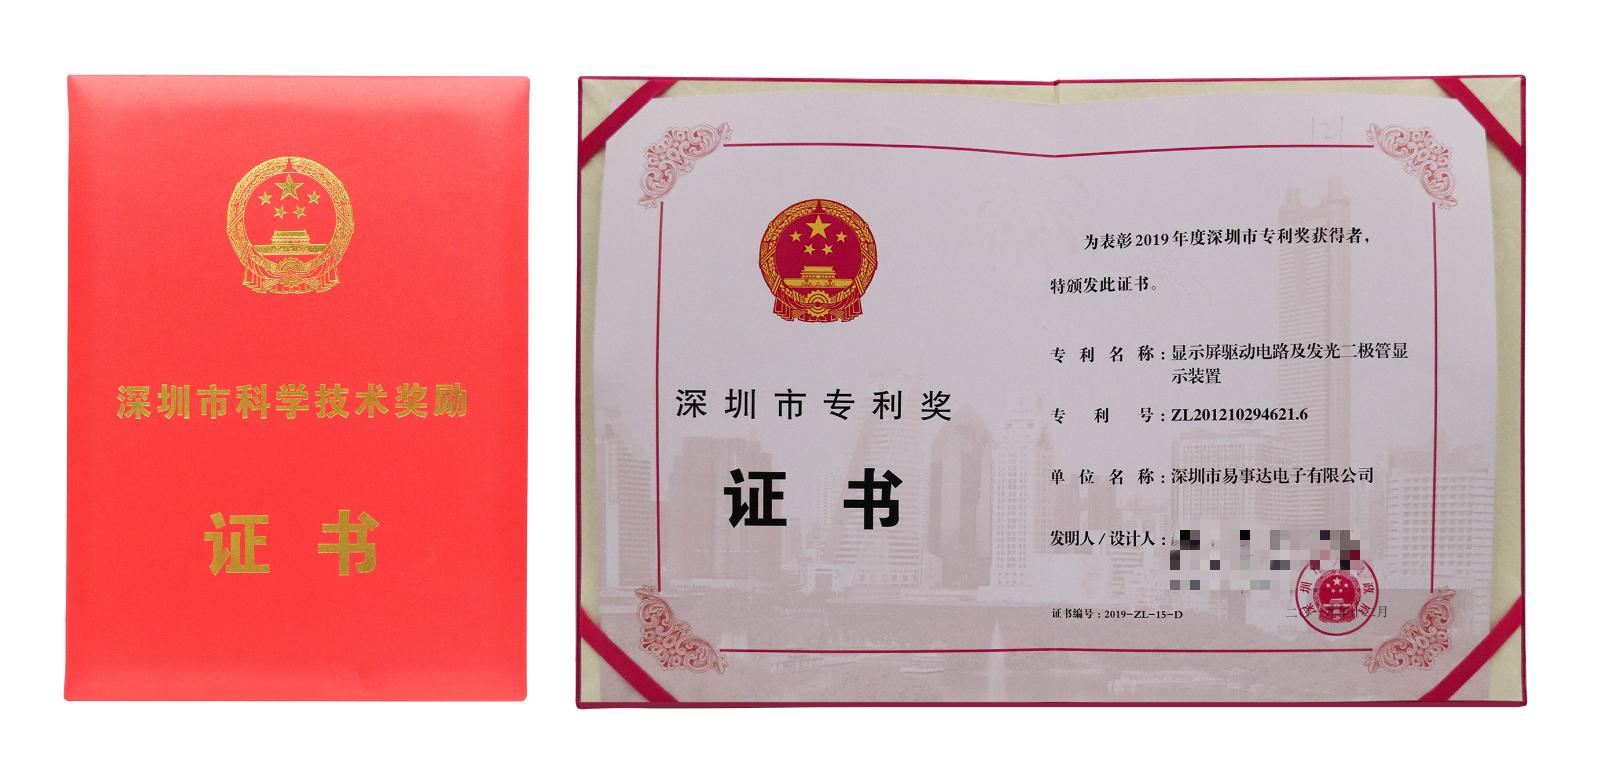 易事达荣获2019年深圳市专利奖